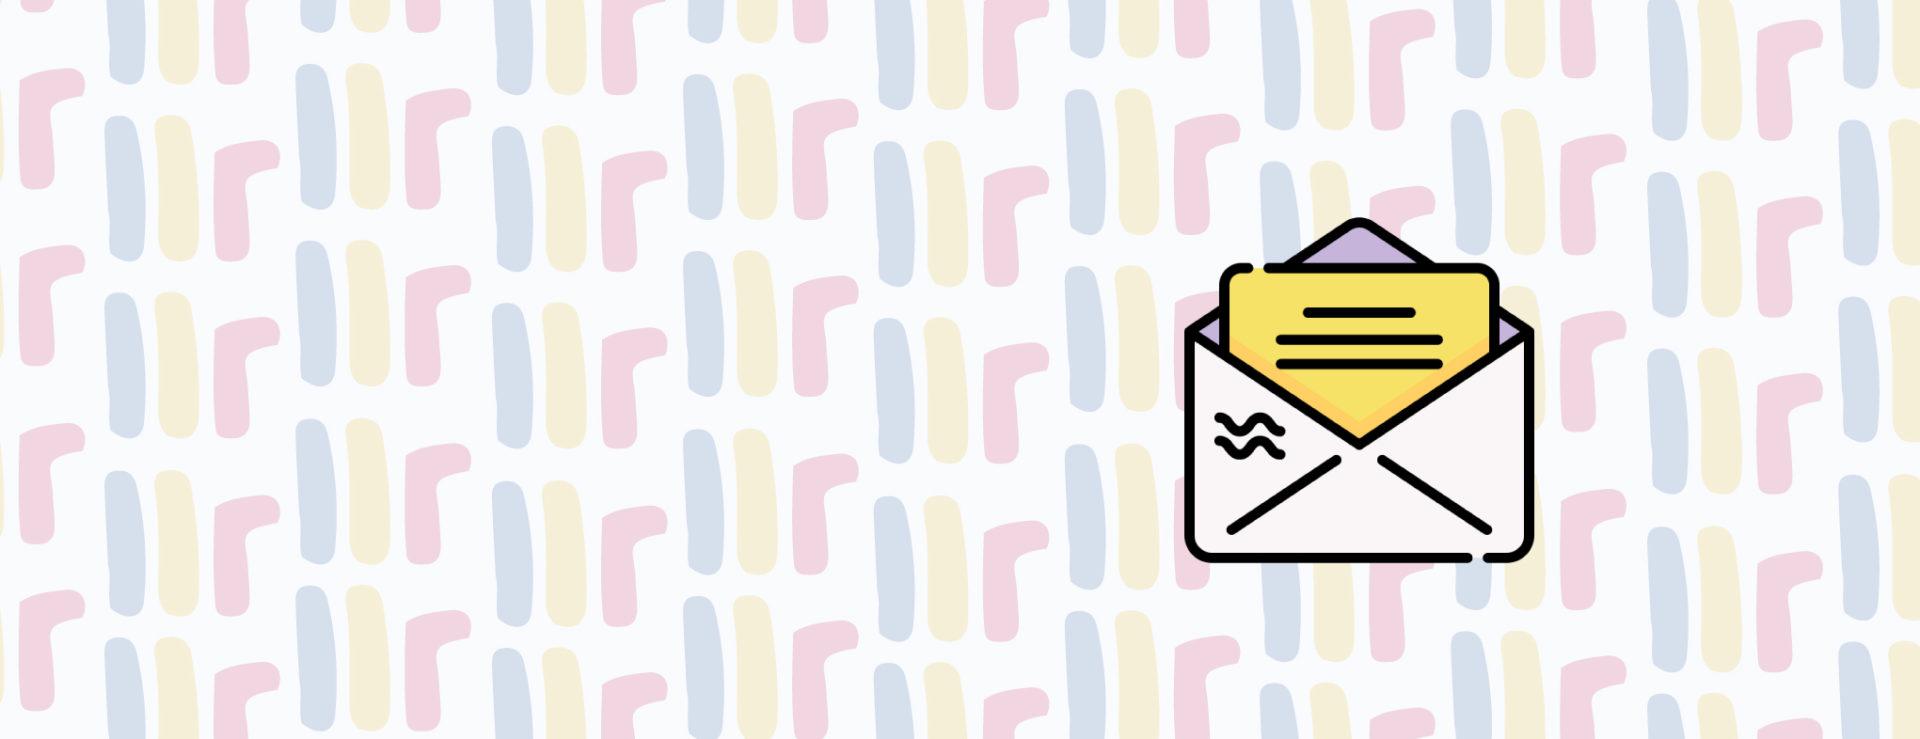 illustrasjon av grafisk bakgrunn med brev over